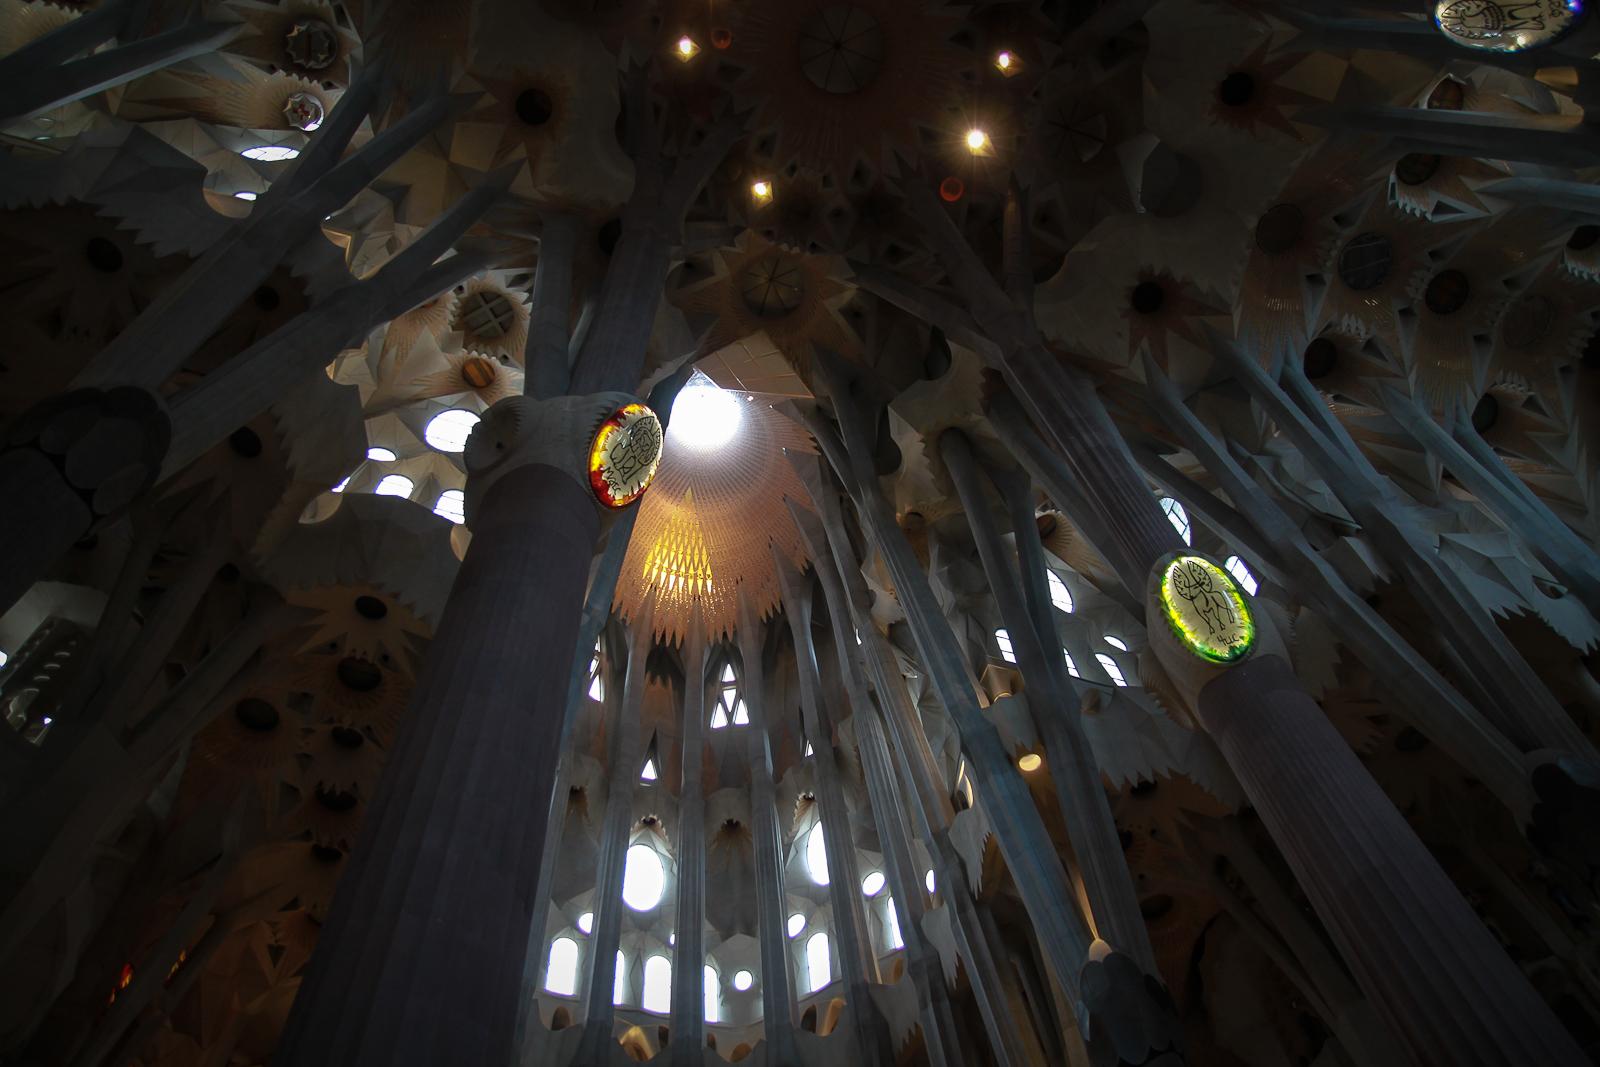 Gaudi's unvollendete Sagrada Familia